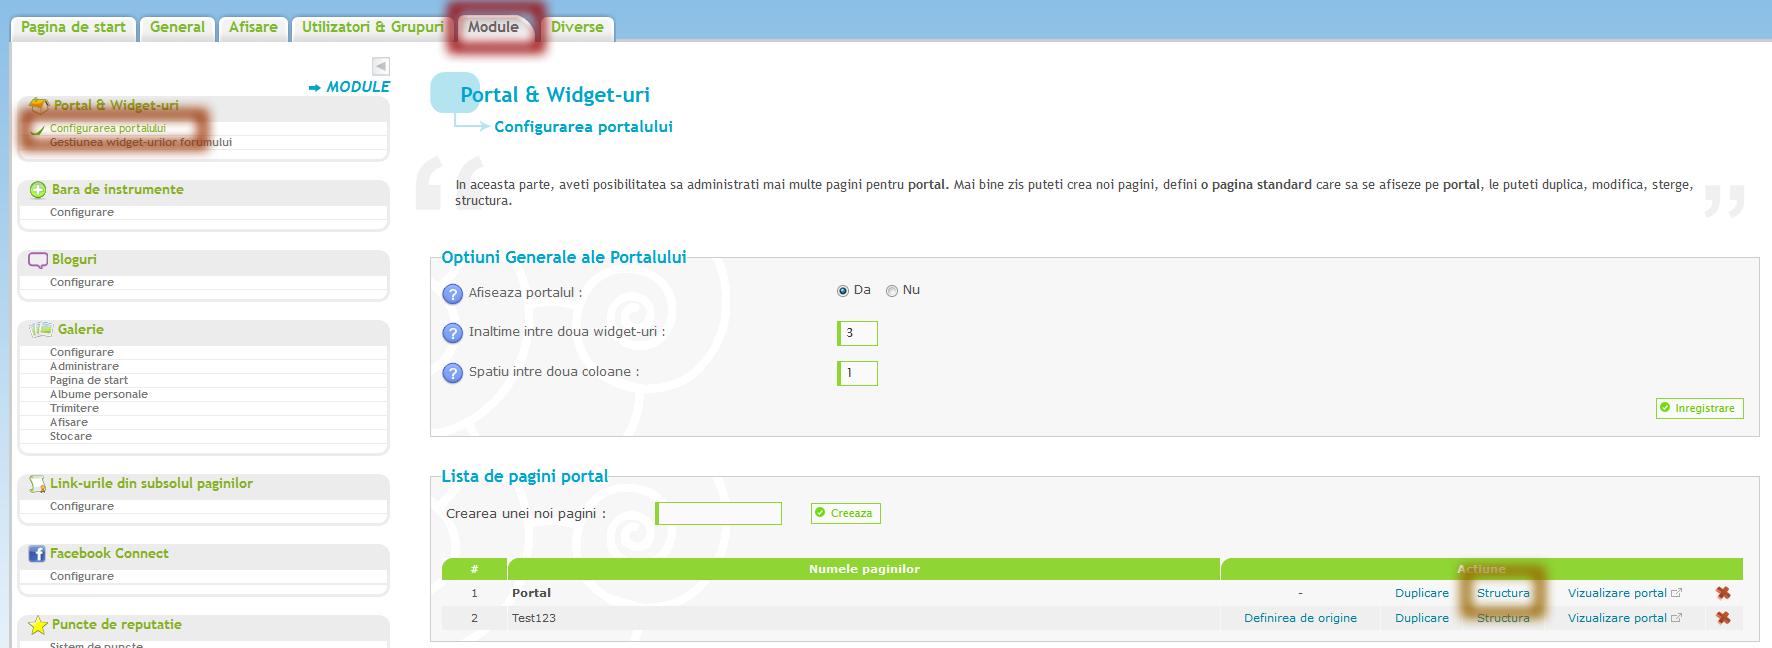 Afisarea unui sondaj pe pagina de start Ao9nxre